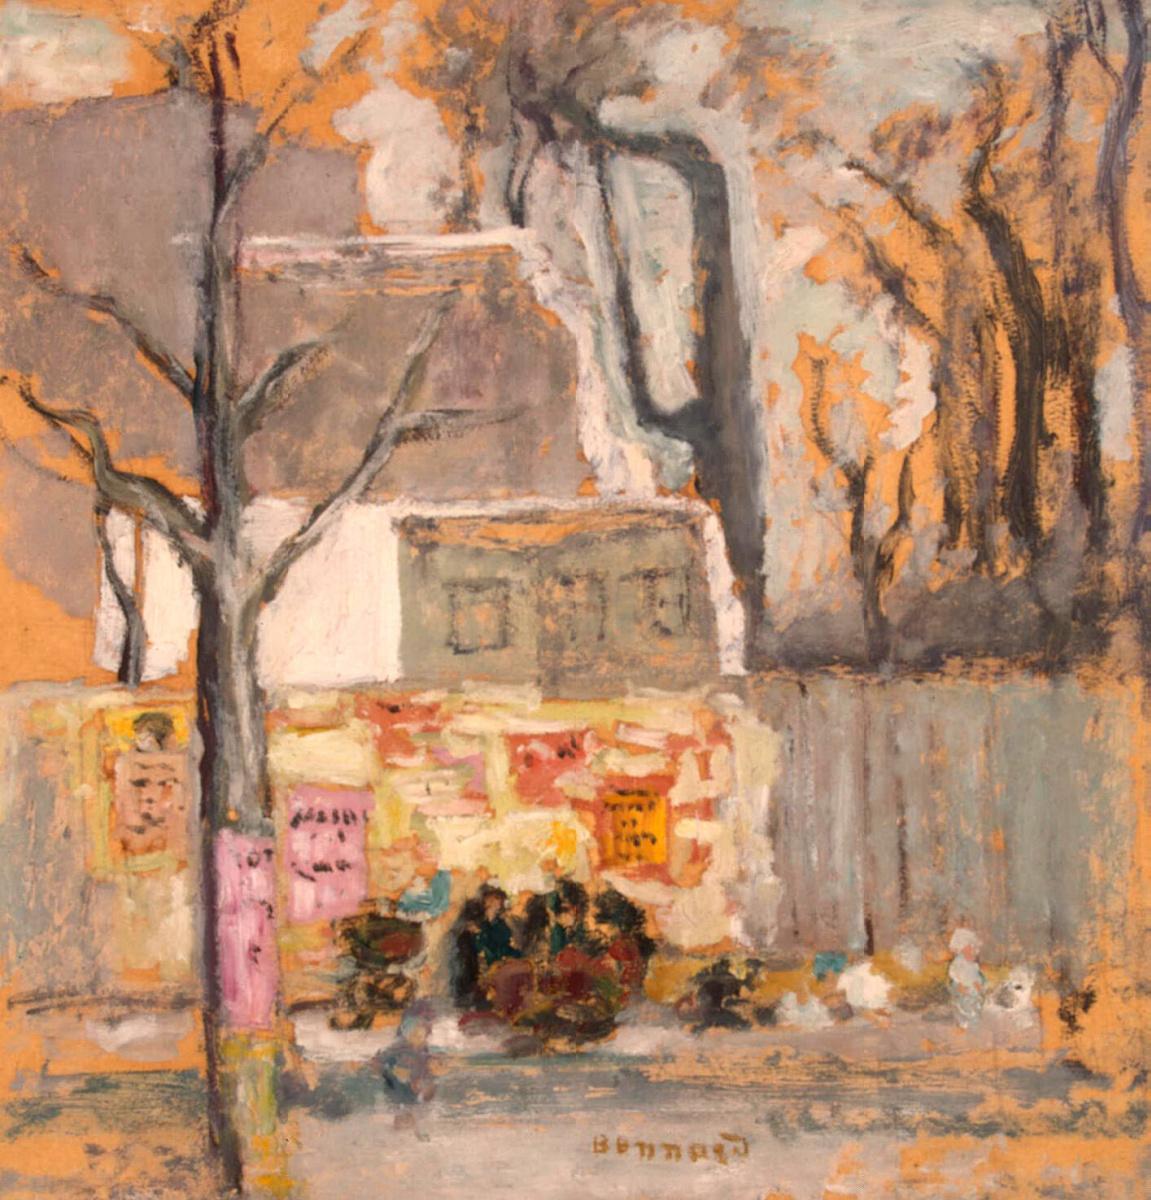 Пьер Боннар. Уголок Парижа